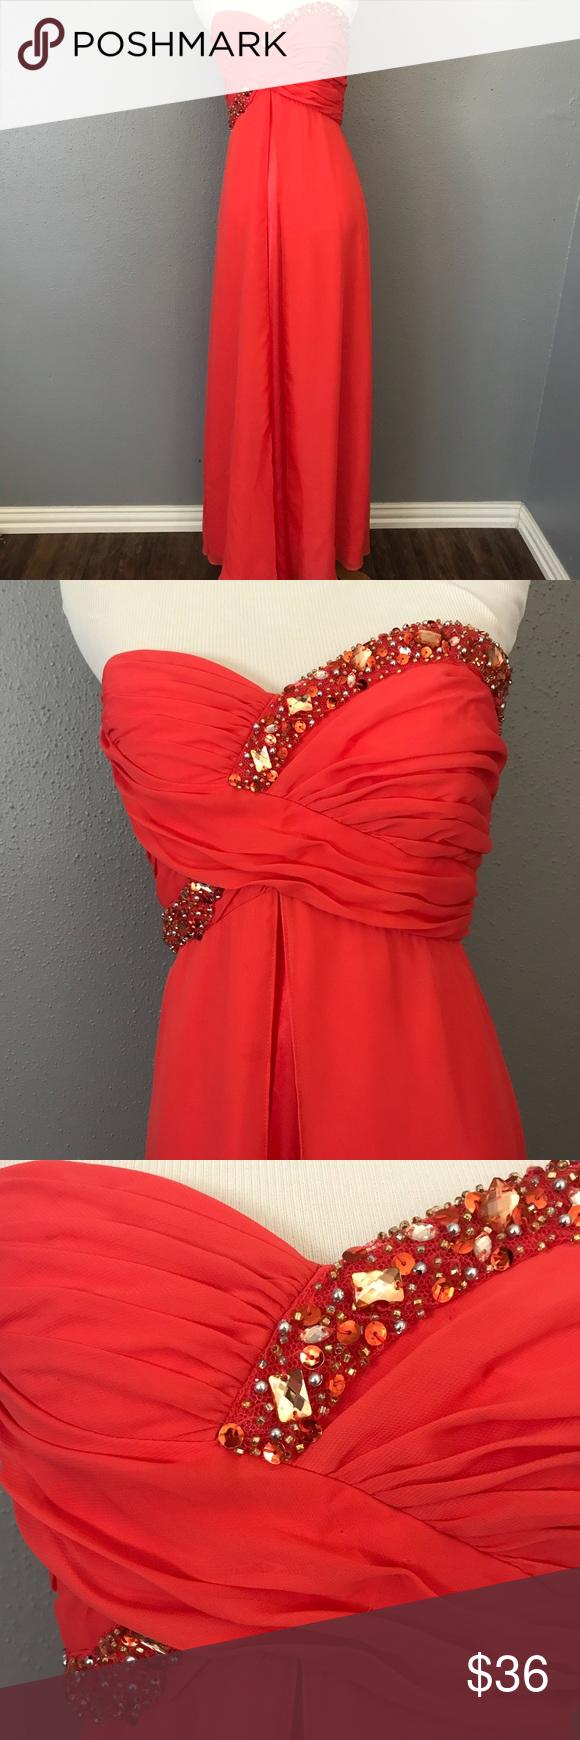 Hailey logan prom dress size beautiful hailey logan dress